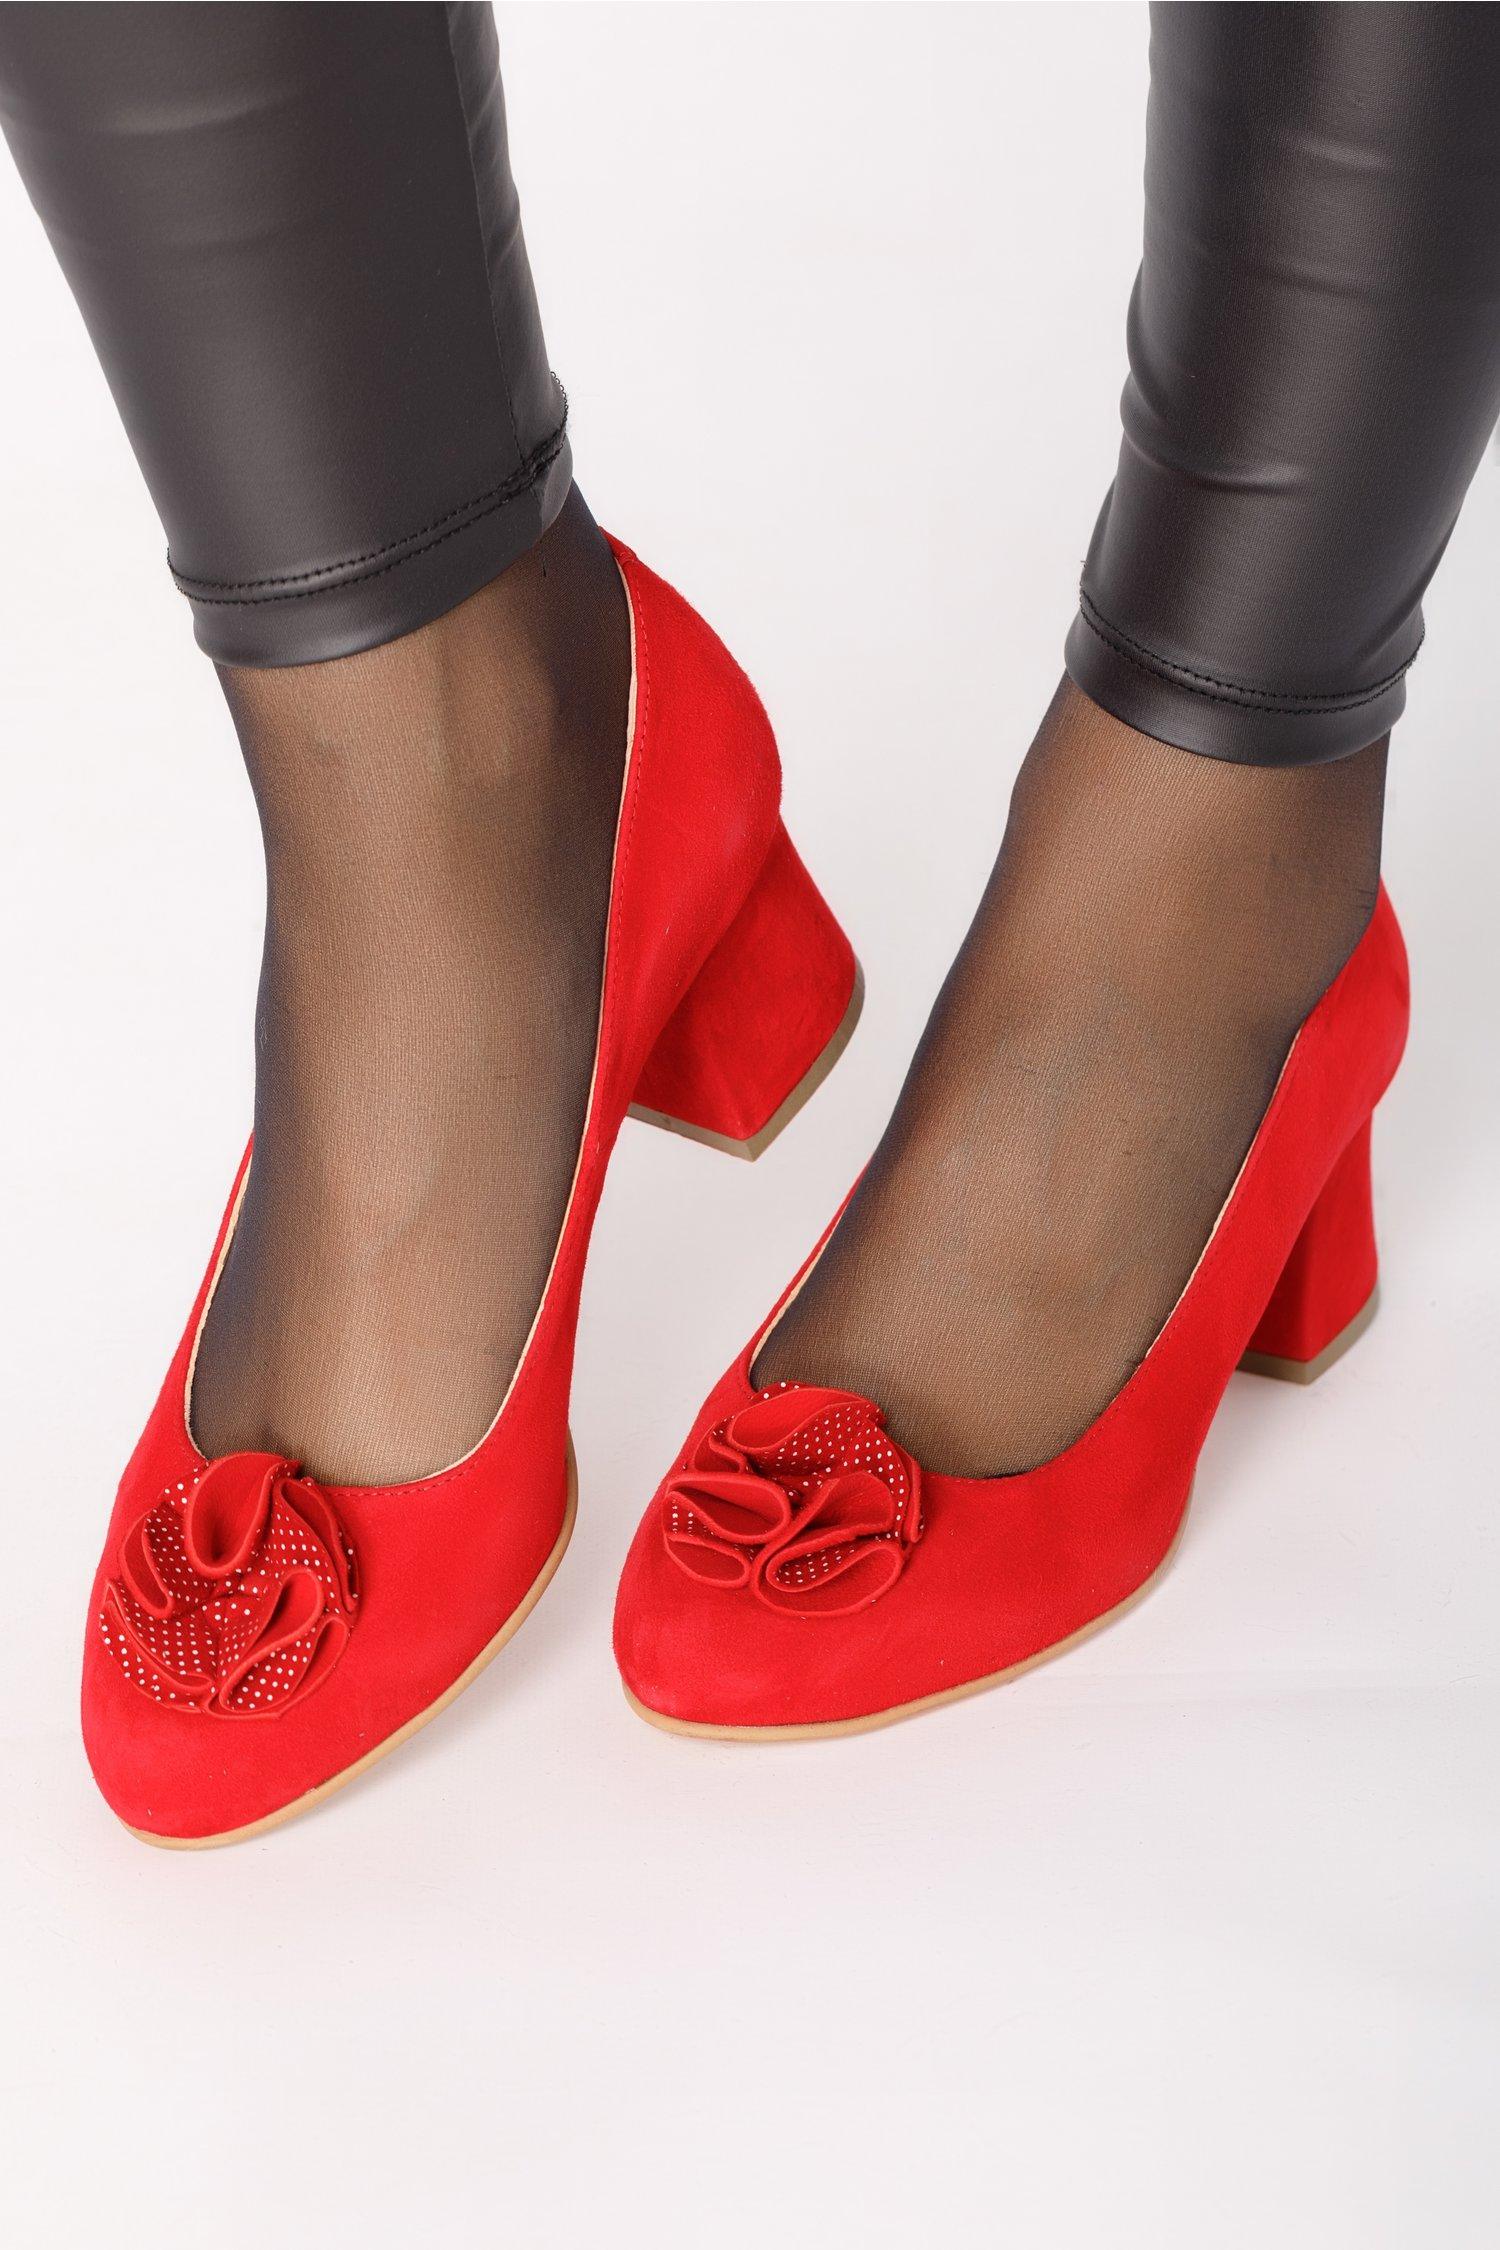 Pantofi rosi din piele intoarsa cu floare in fata